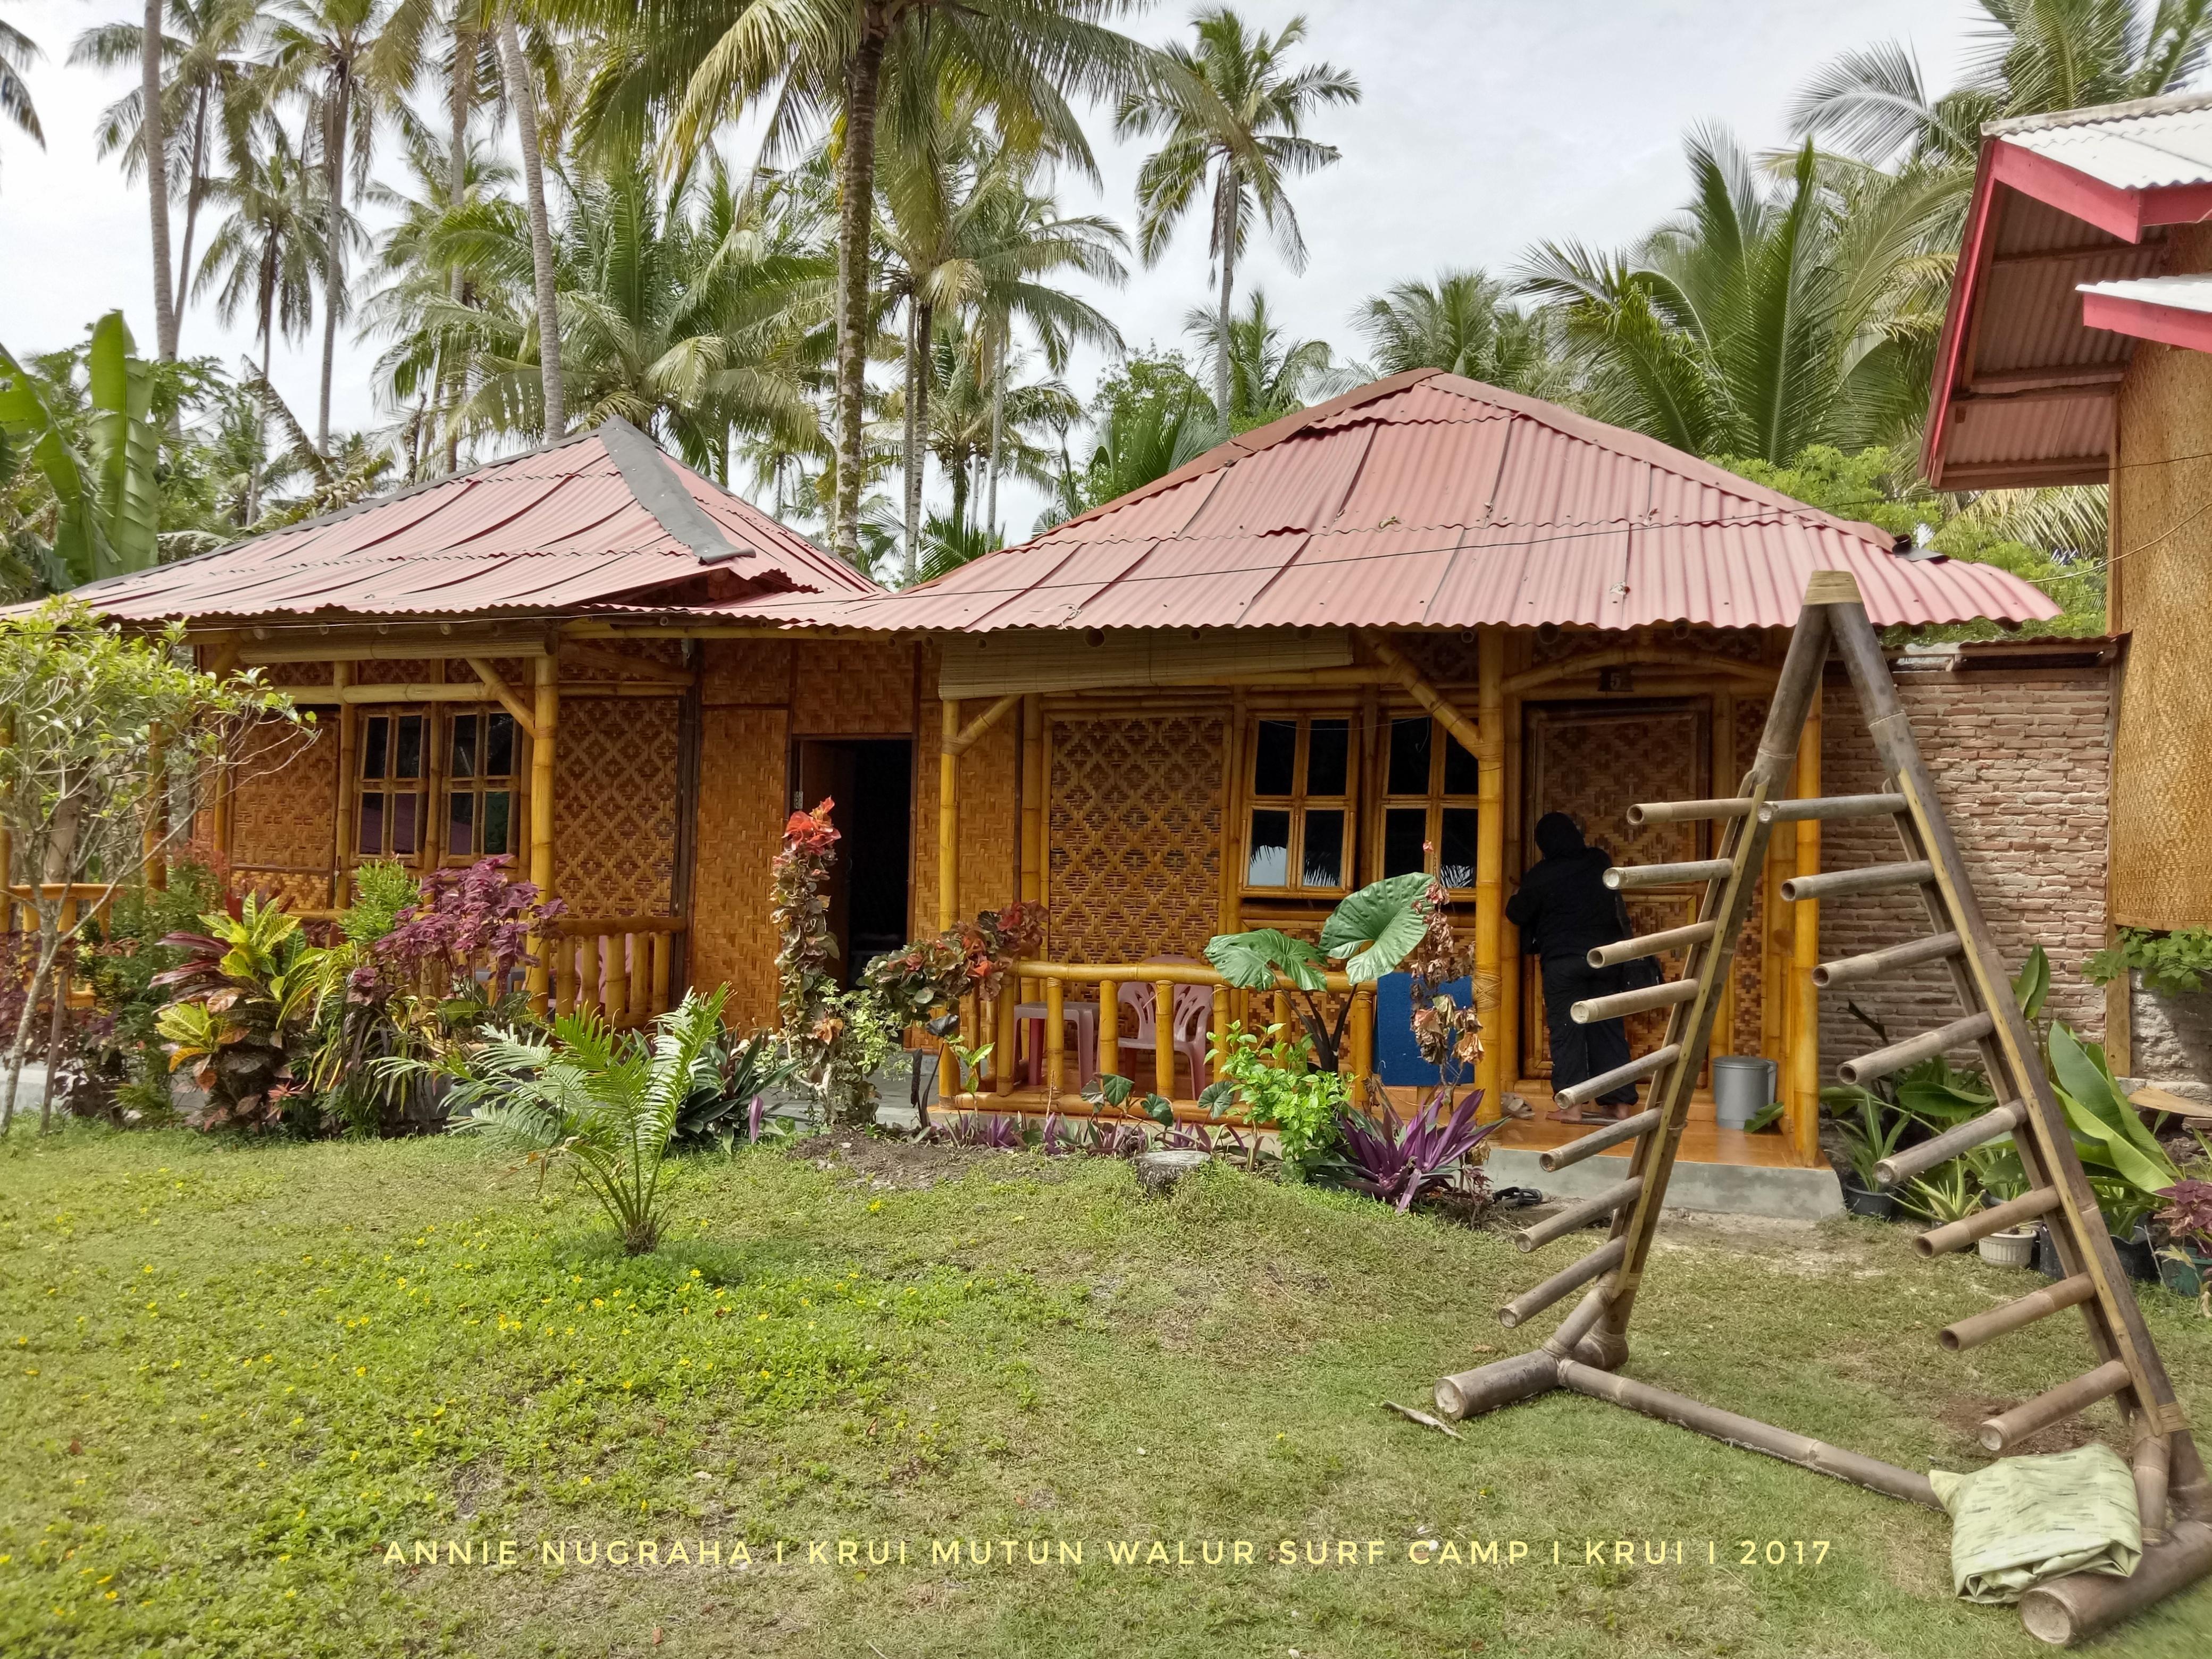 Mutun-Walur-Surf-Camp-01.jpeg